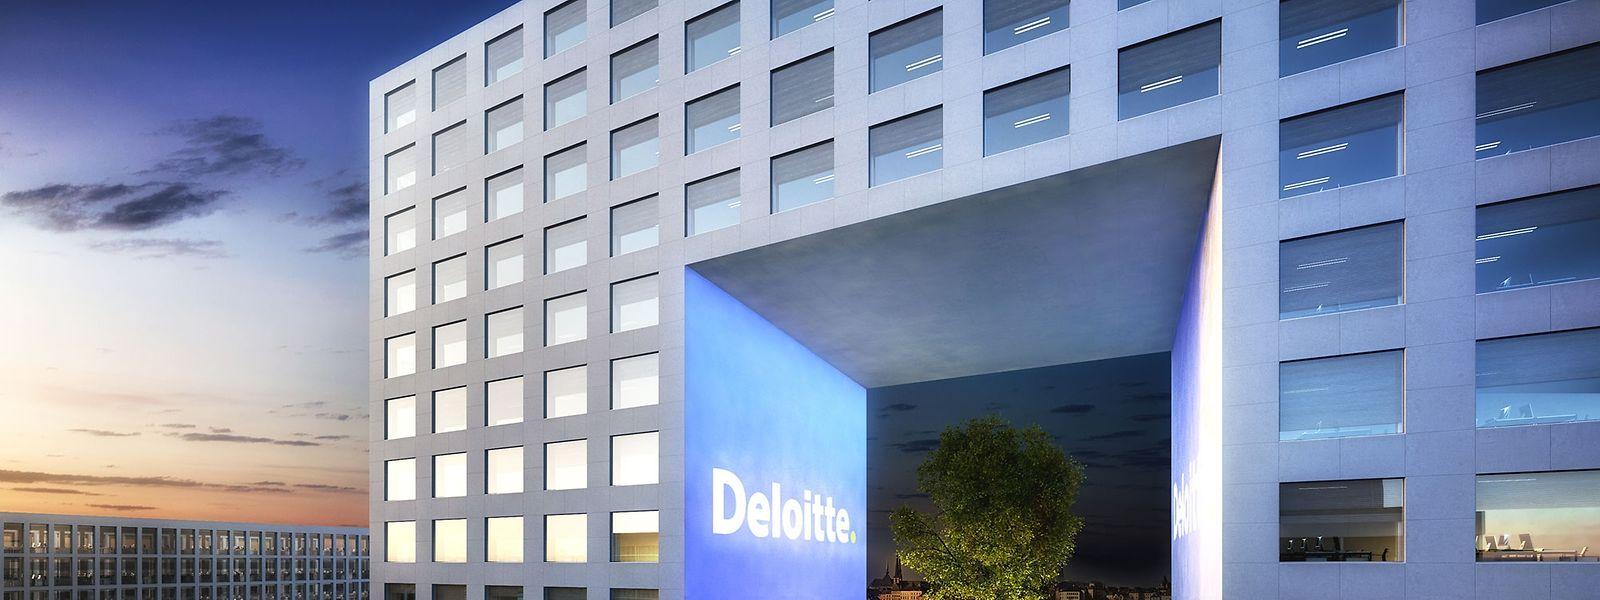 """Die 400 Quadratmeter große Terrasse im Herzen des 60-Meter-hohen Turms soll ein """"urbanes Fenster"""" darstellen."""